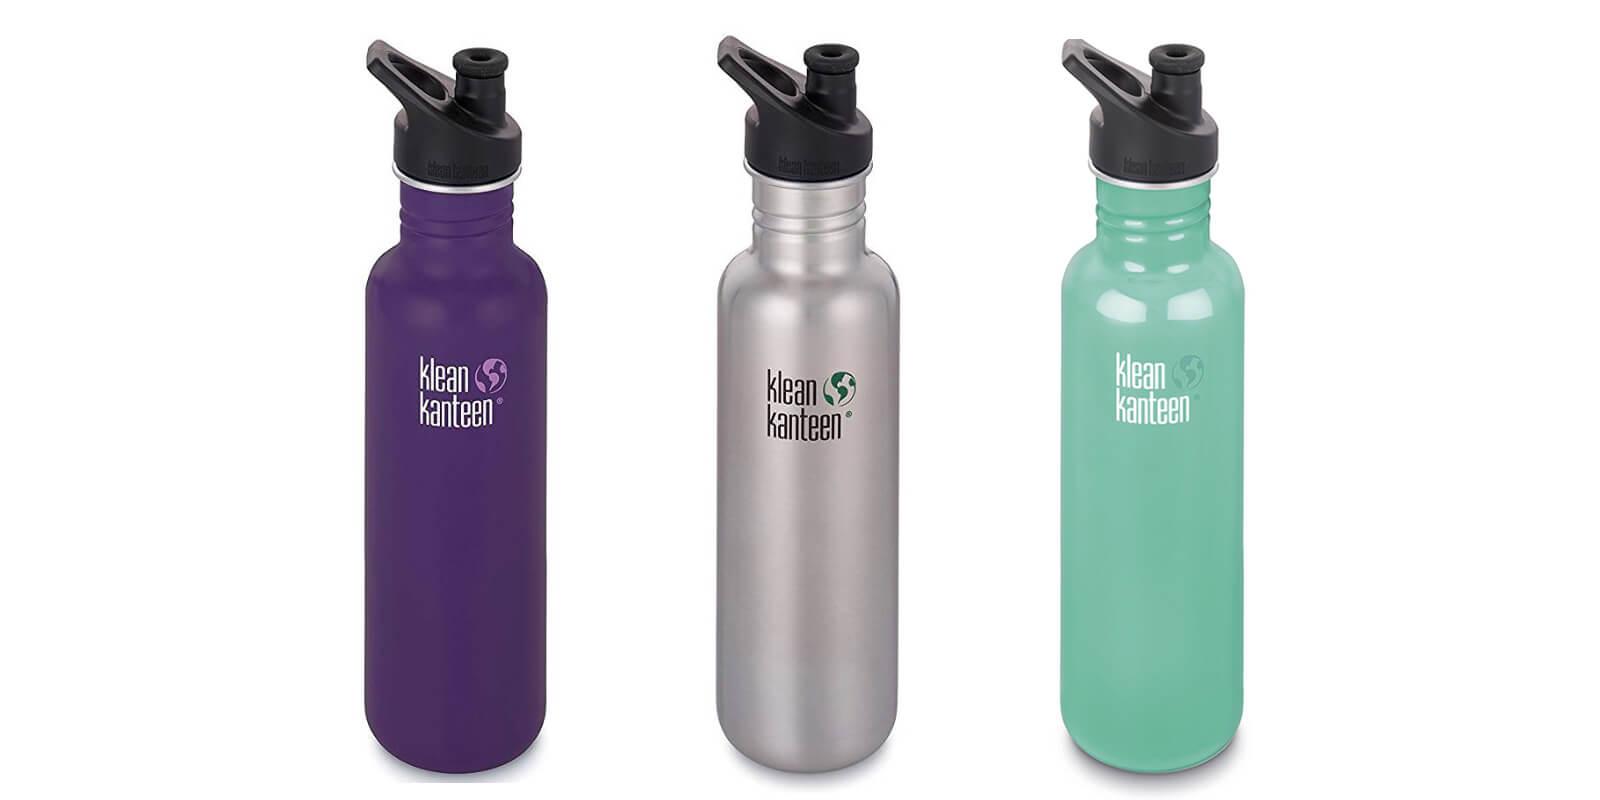 klean-kanteen-eco-friendly-water-bottle